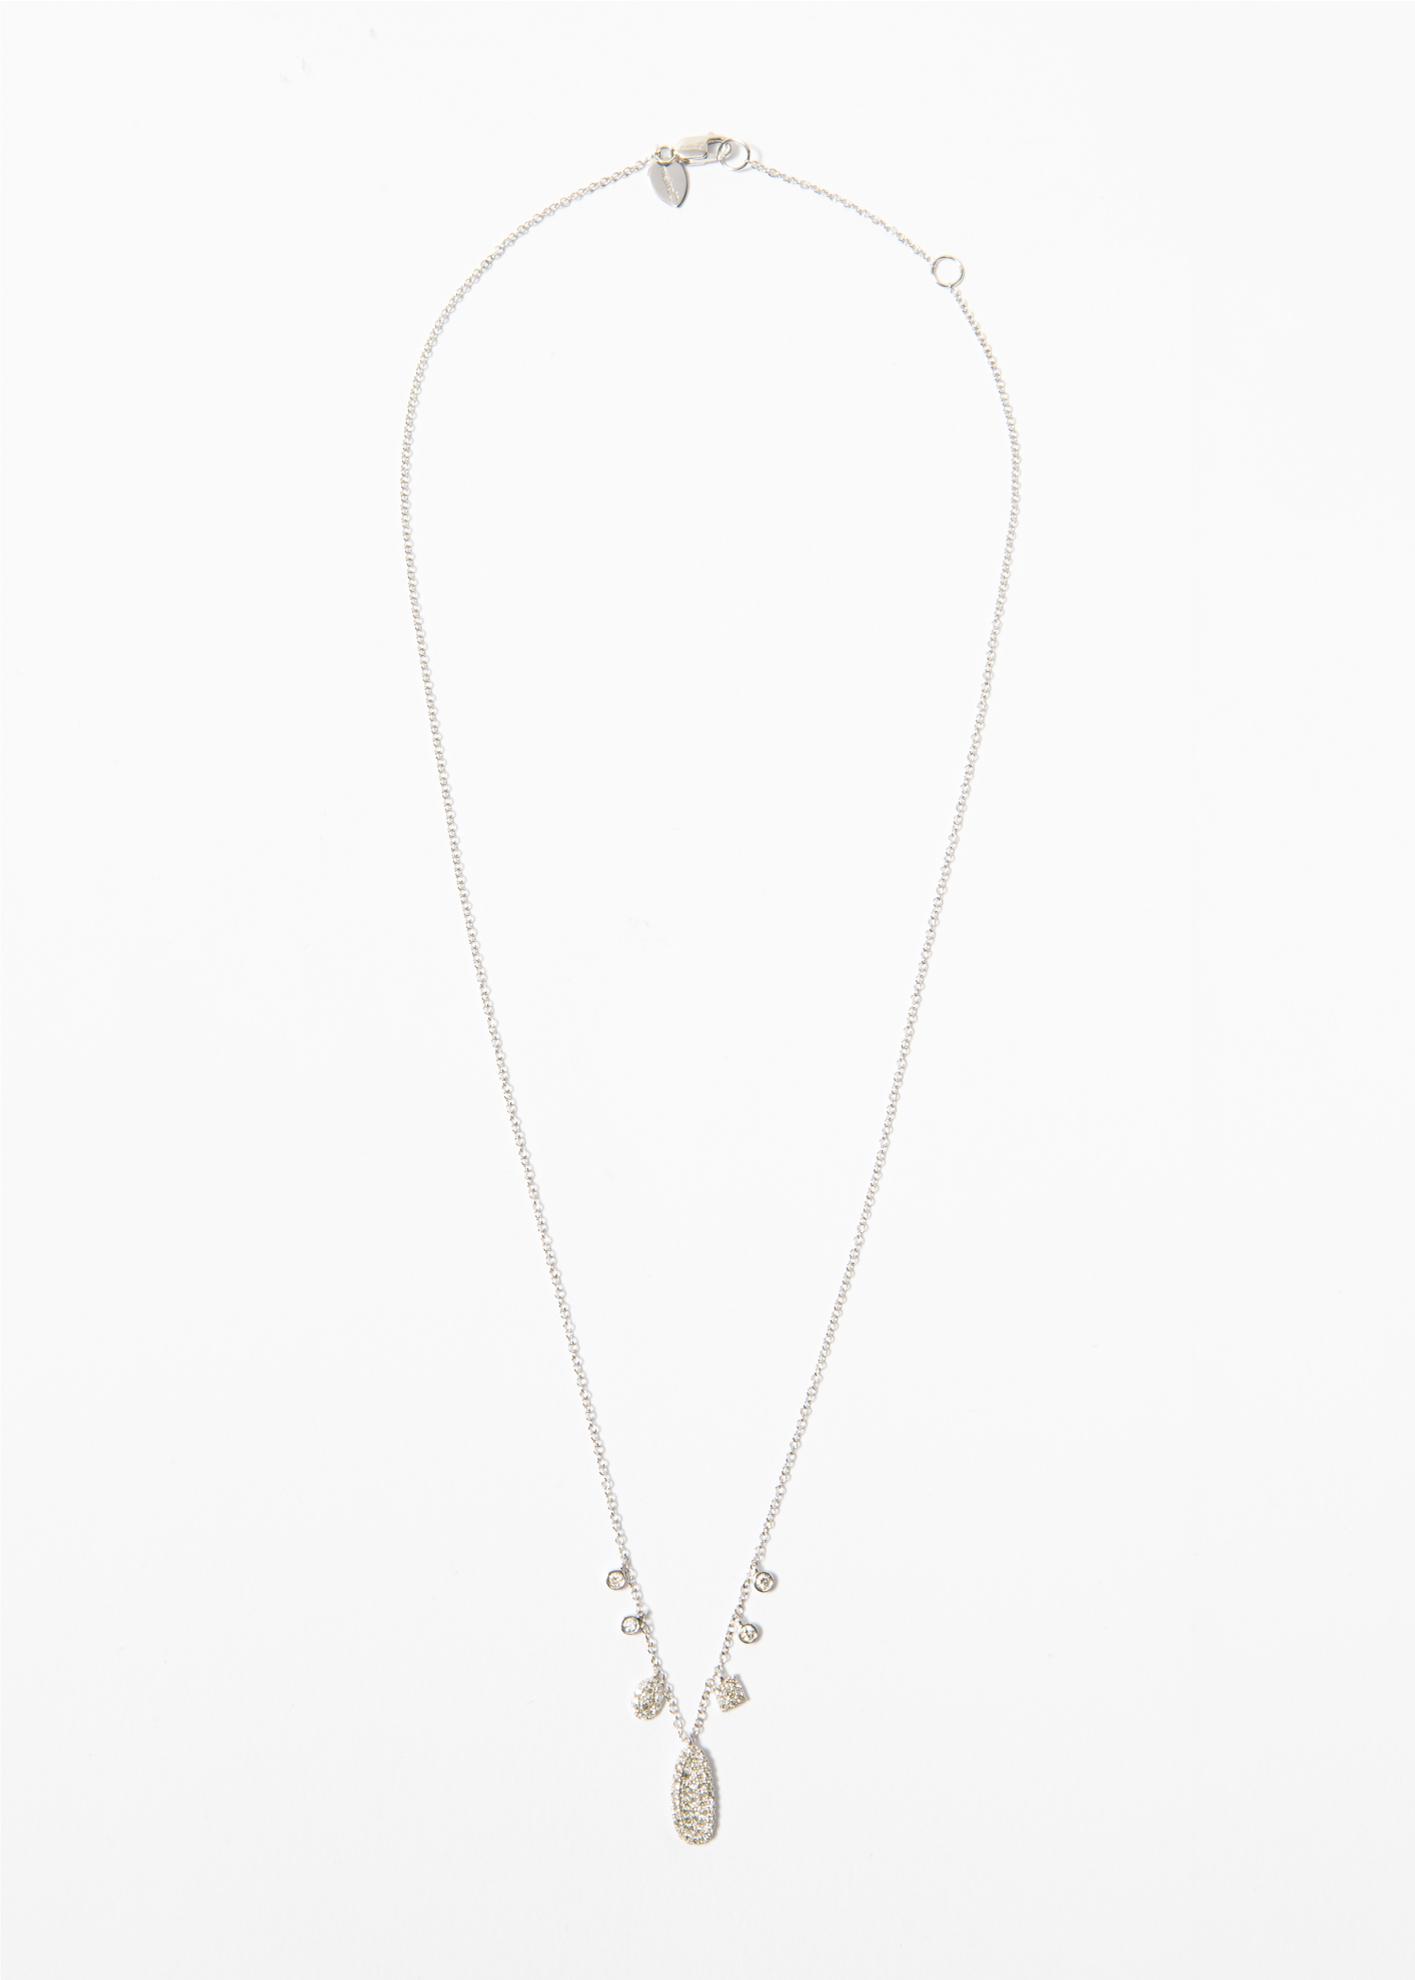 Collana in oro bianco con pendenti modello fantasia - Ivy Gioielli Prato